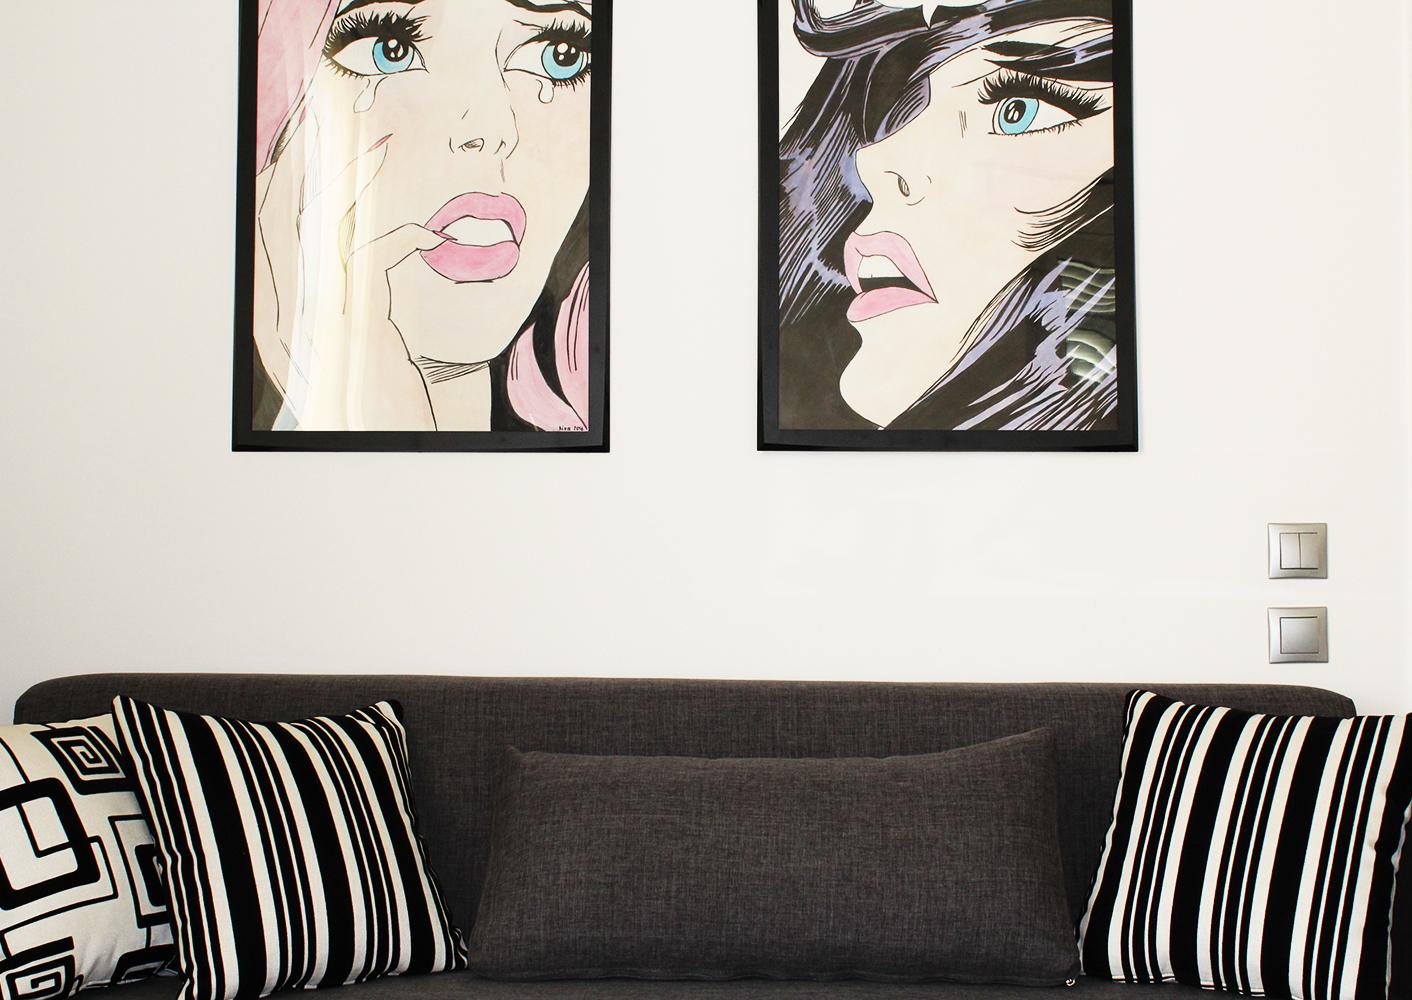 Διακόσμηση με ζωγραφική popart στον τοίχο επάνω από τον καναπέ